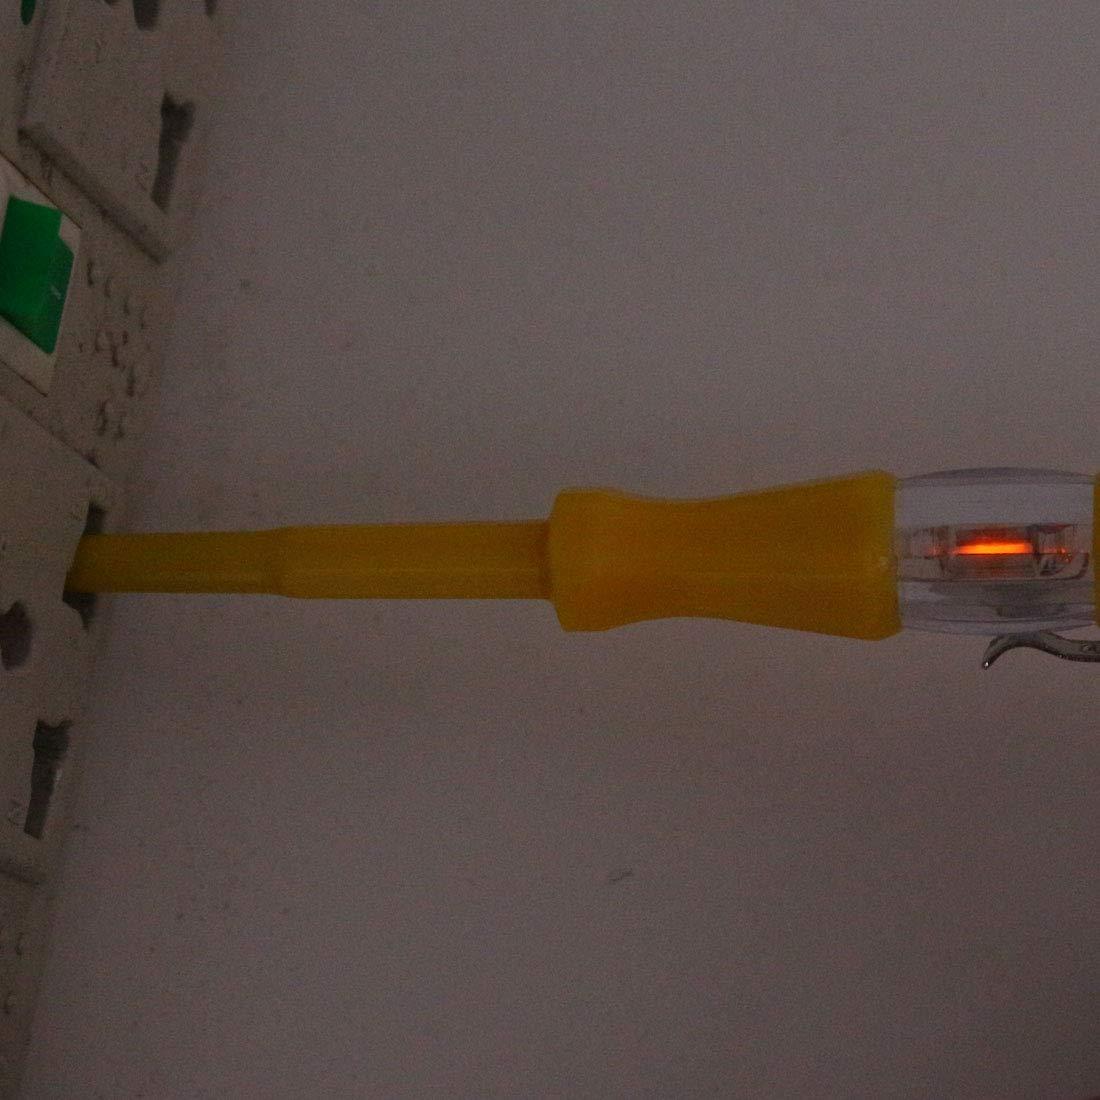 douille Sourcing map Tester Testeur de tension Tournevis Tube n/éon Crayon de test /électrosonde de circuit pour les /électriciens Tester fil /électrique interrupteur